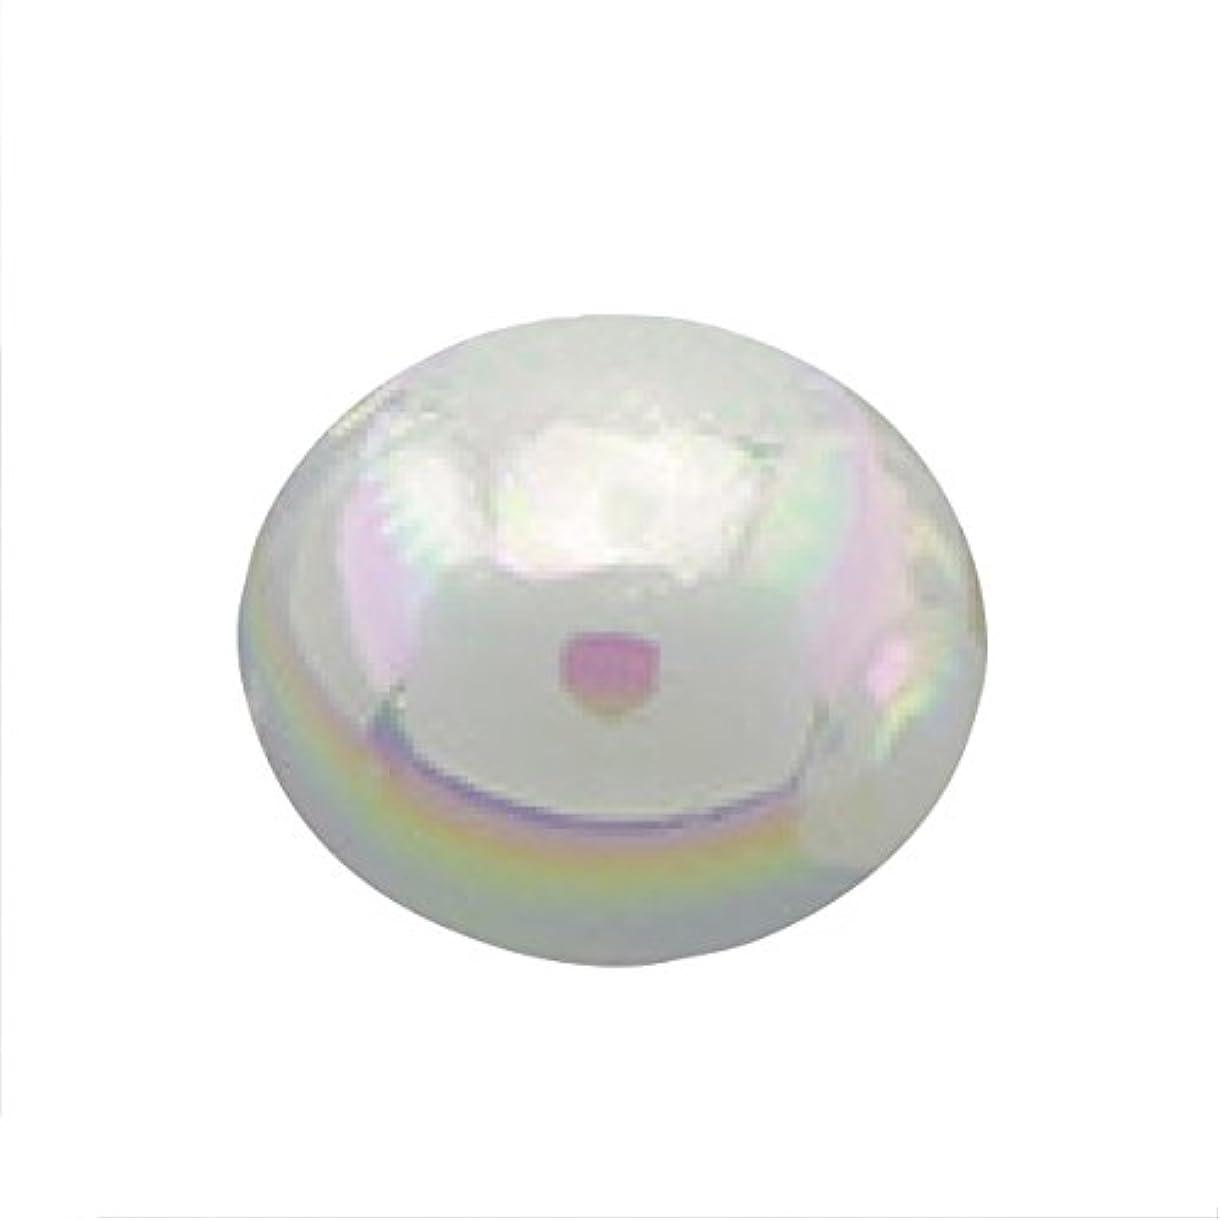 相対性理論フェッチ返還パールオーロラオフホワイト1.5mm(50個入り)